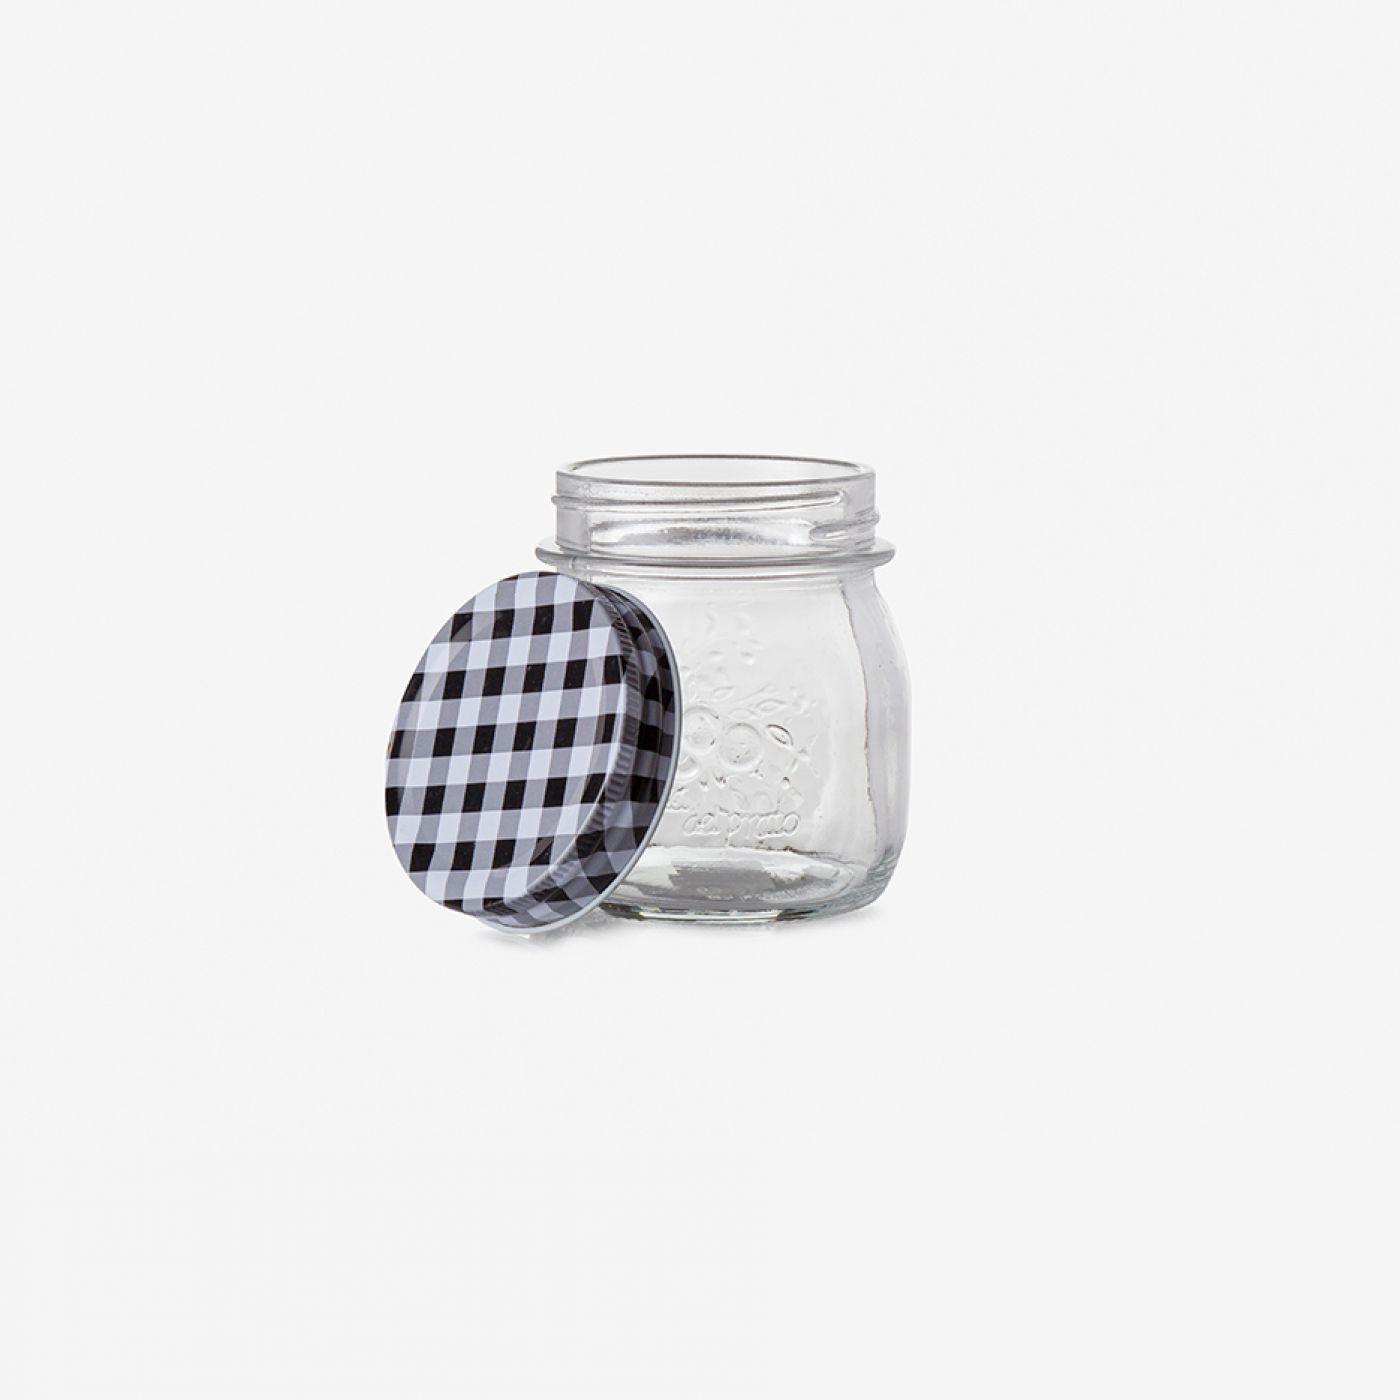 צנצנת זכוכית PICNIC | קטן